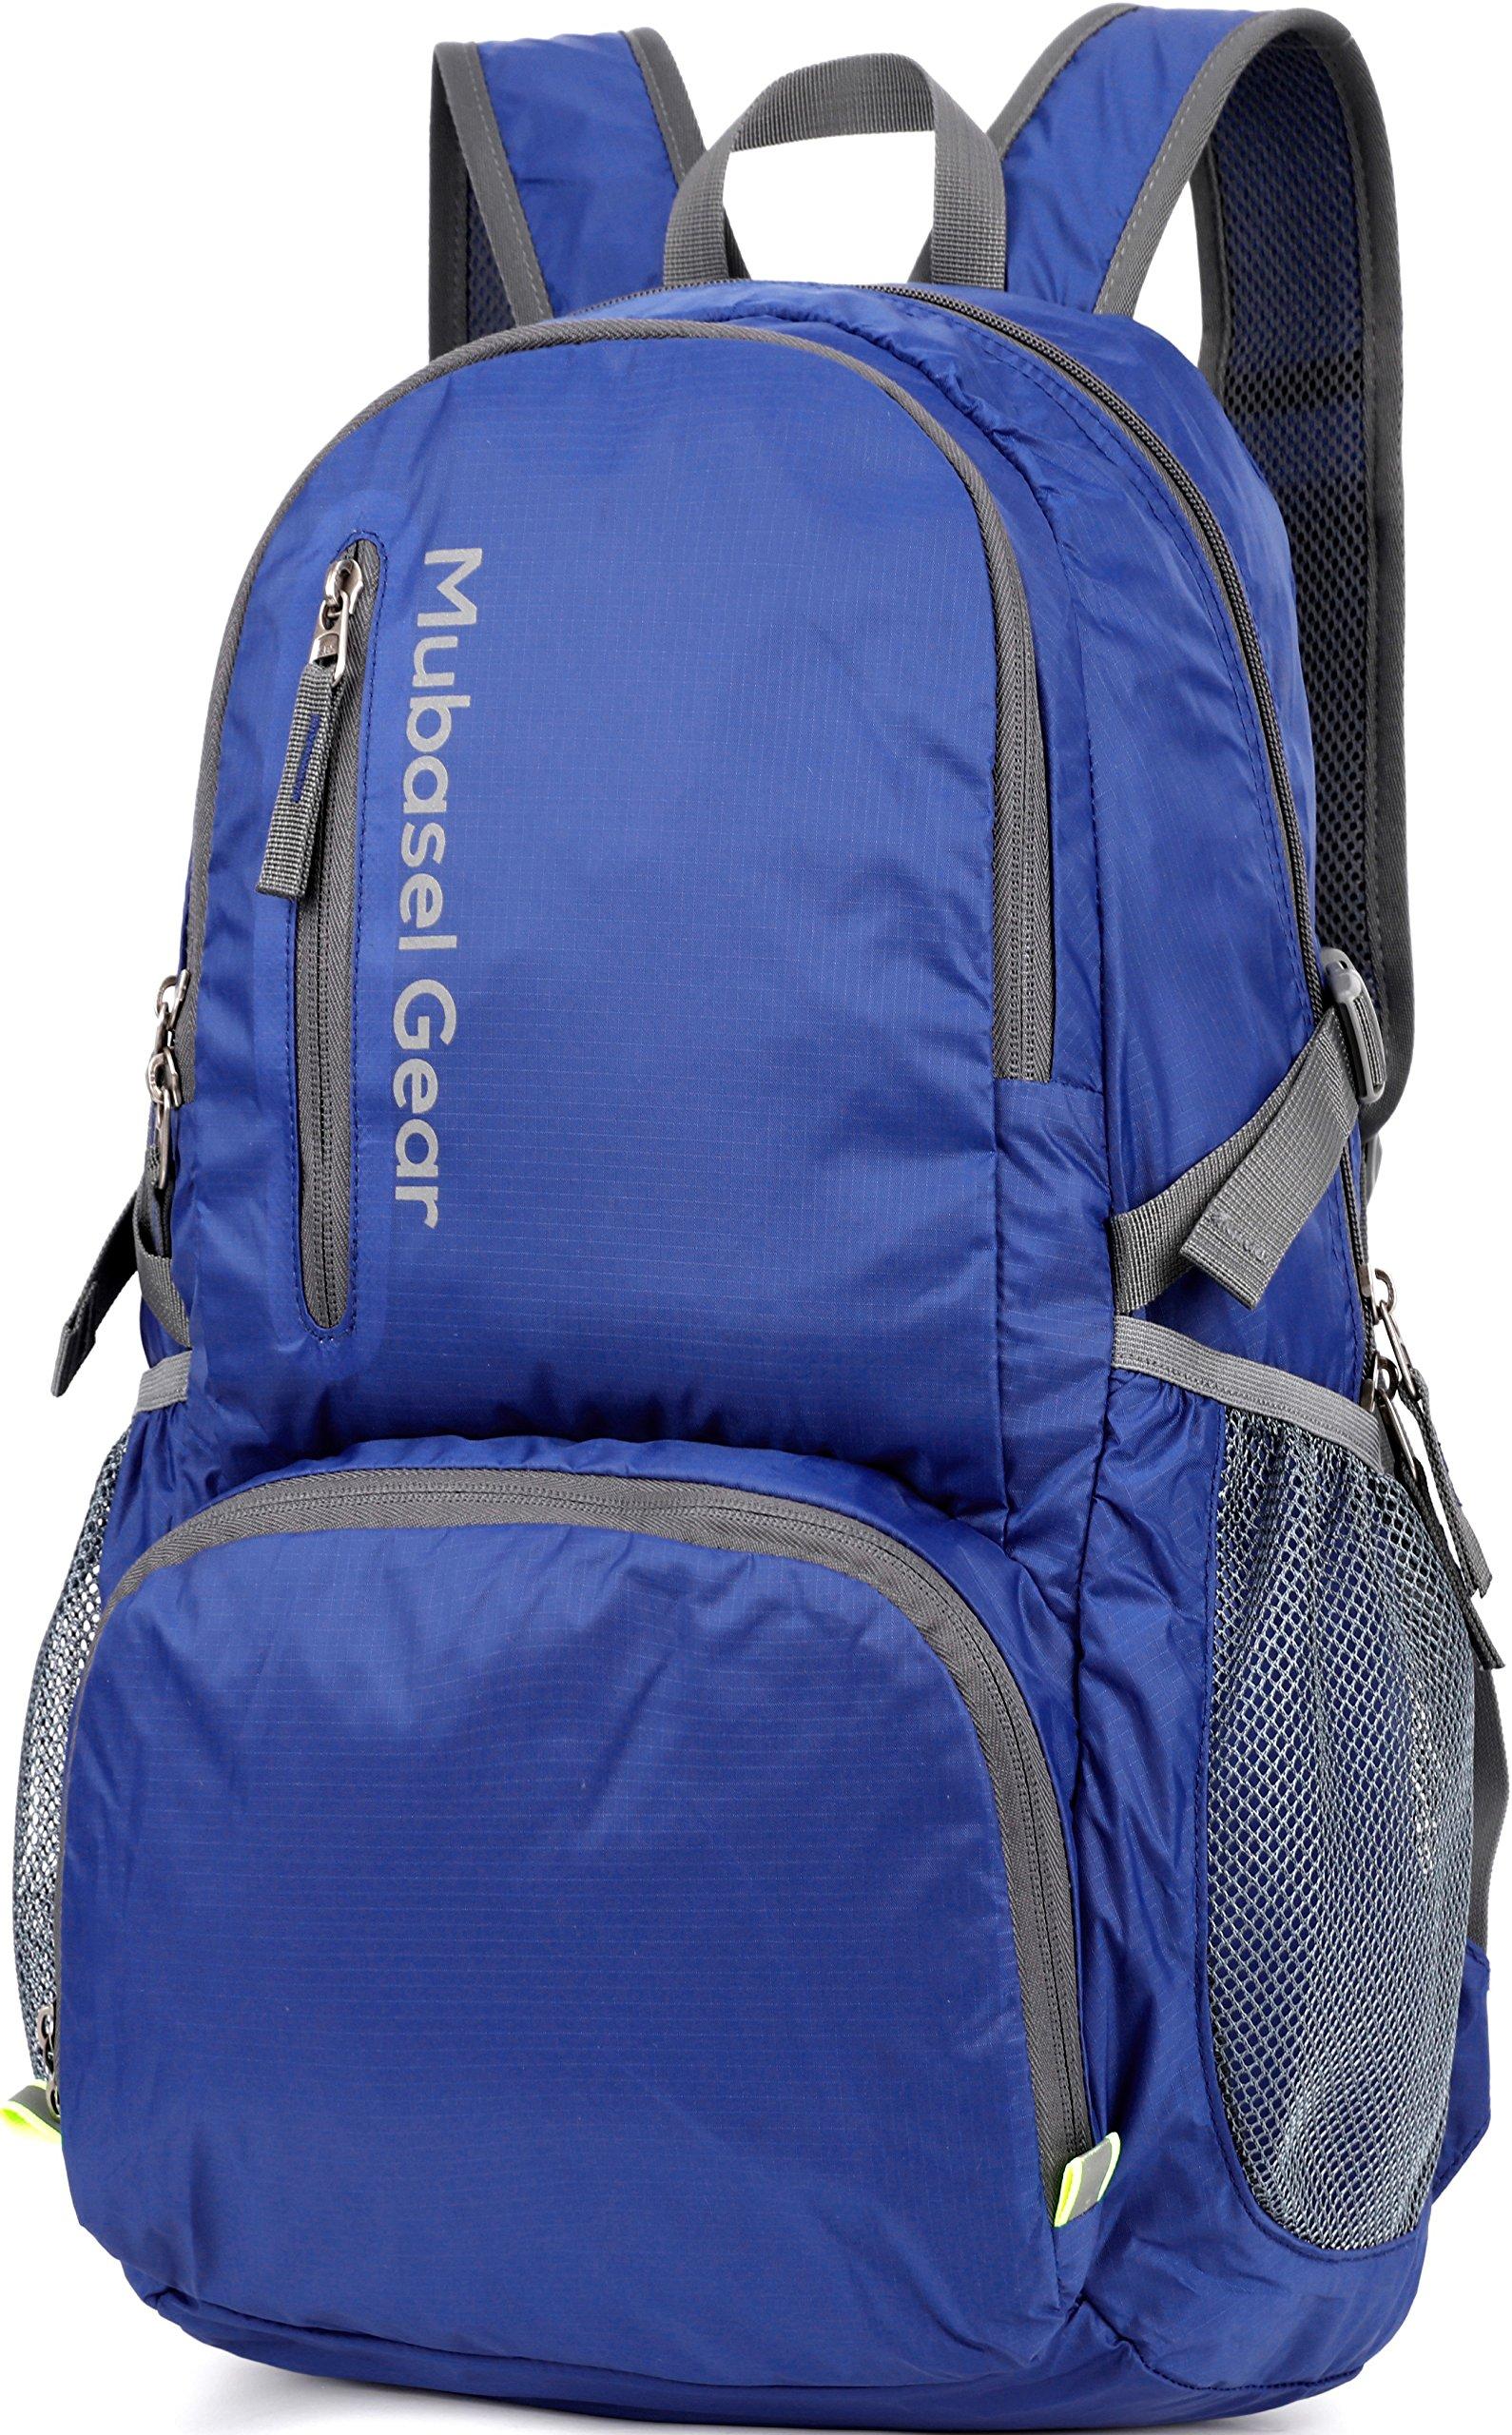 Mubasel Gear Backpack - Lightweight Backpacks for Travel Hiking - Daypack for Women Men (Blue)